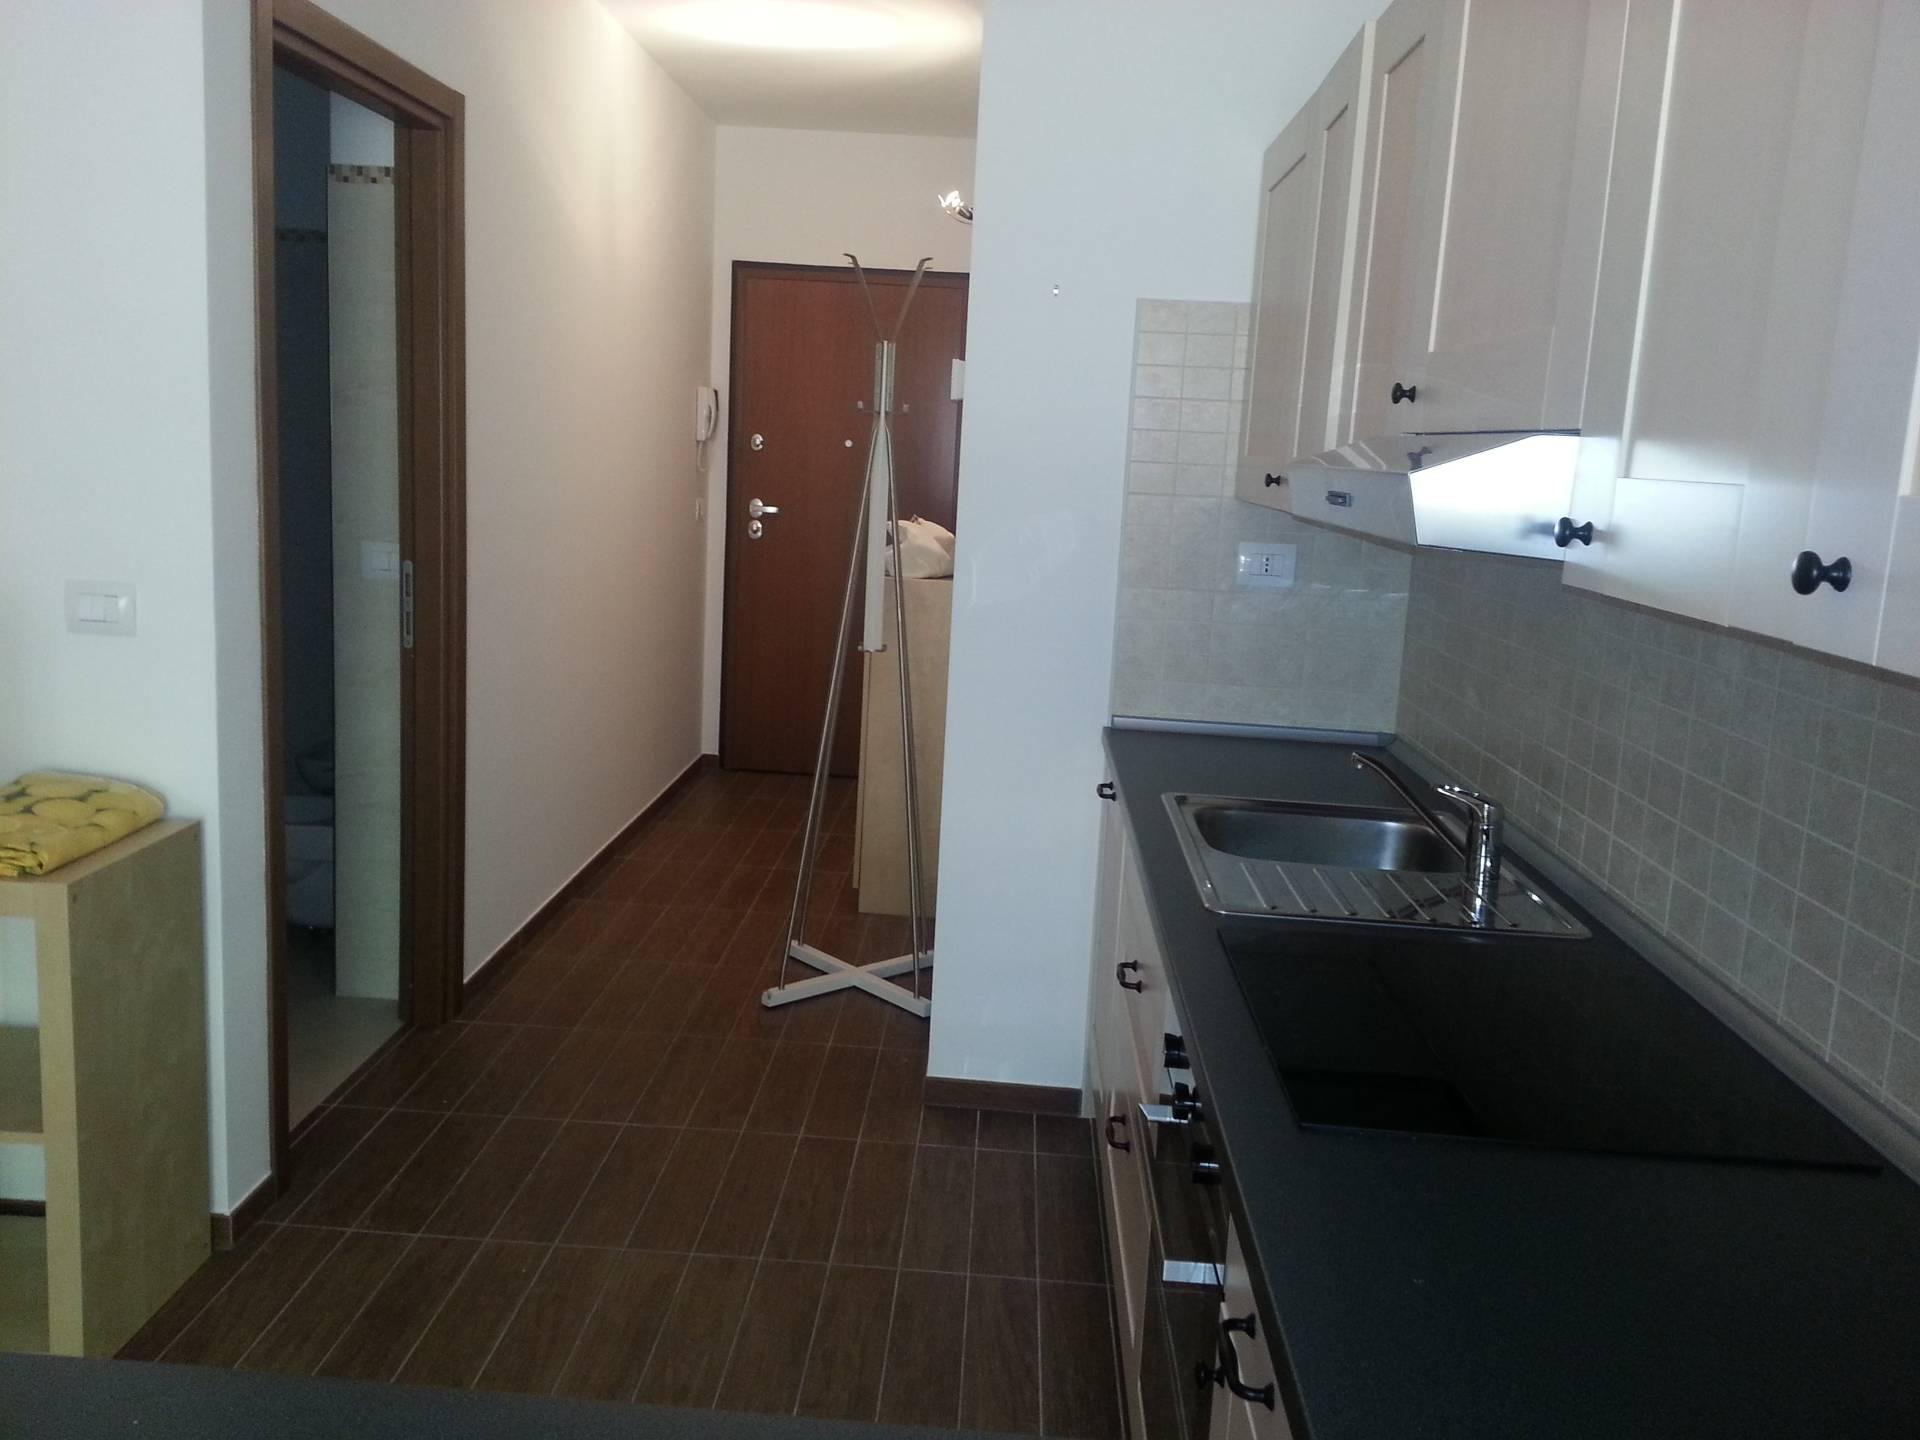 Appartamento in affitto a Chieti, 1 locali, prezzo € 300 | CambioCasa.it